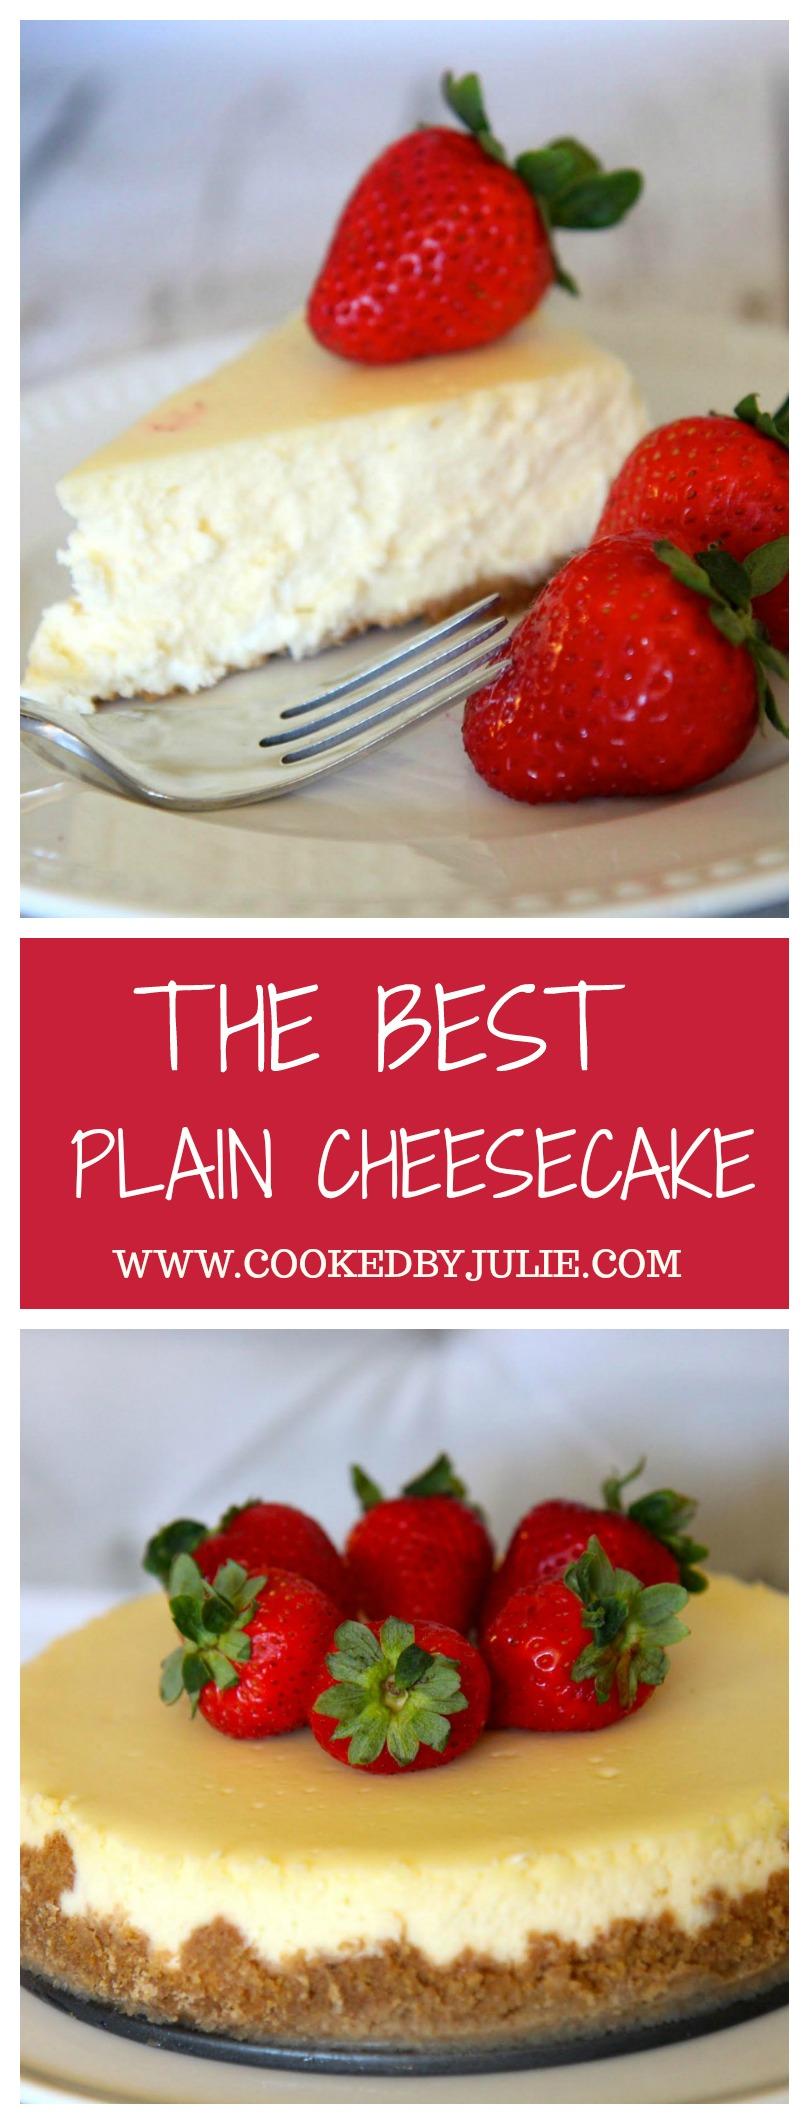 The Best Homemade Plain Cheesecake Recipe